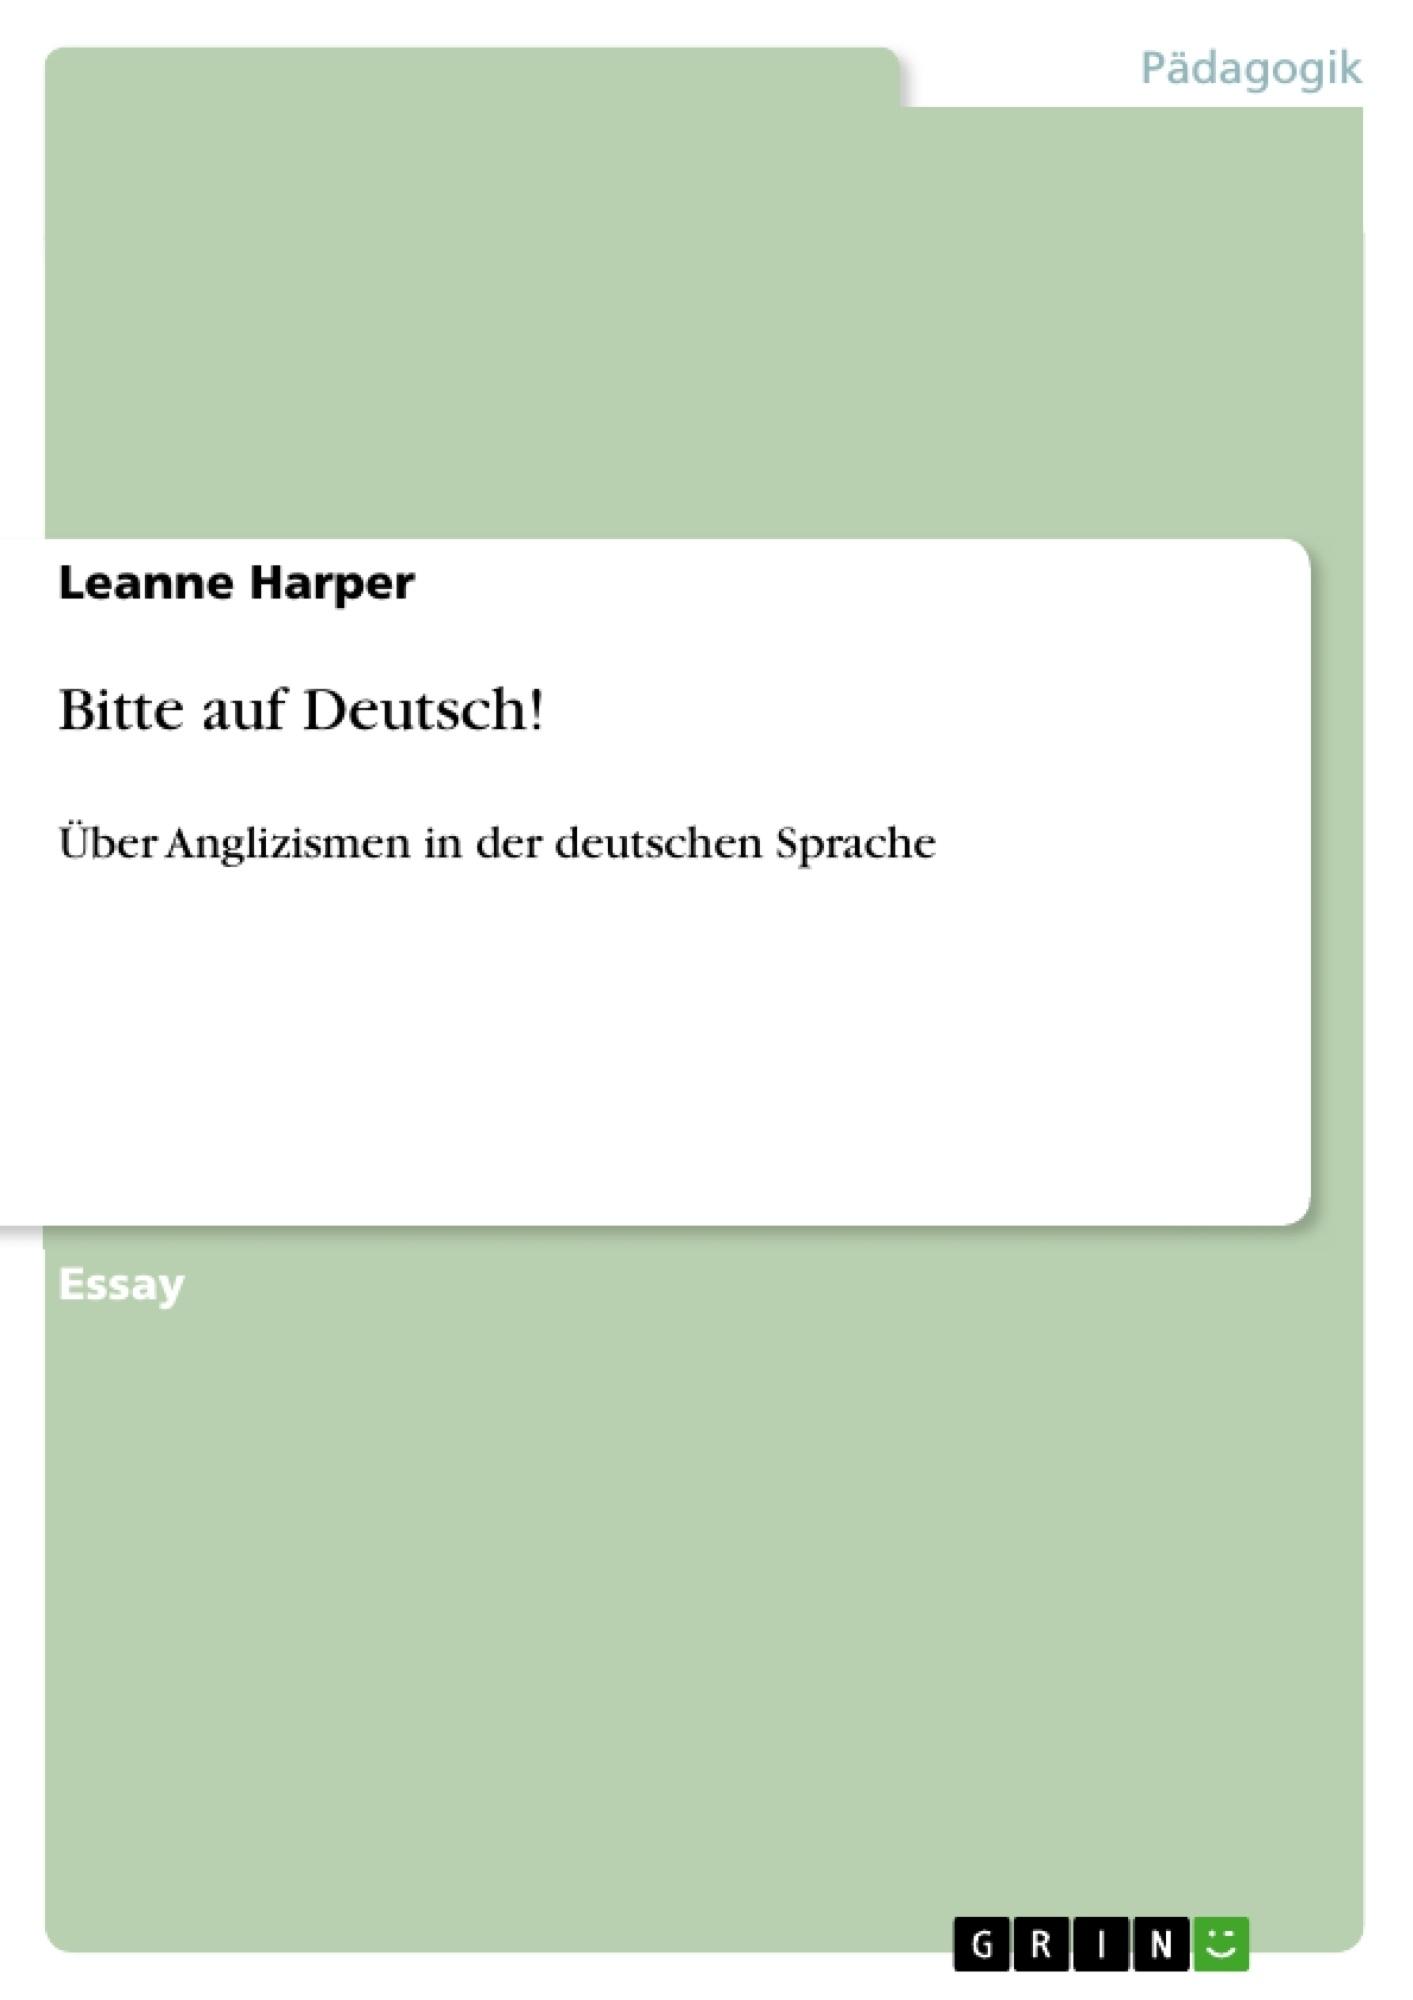 Titel: Bitte auf Deutsch!